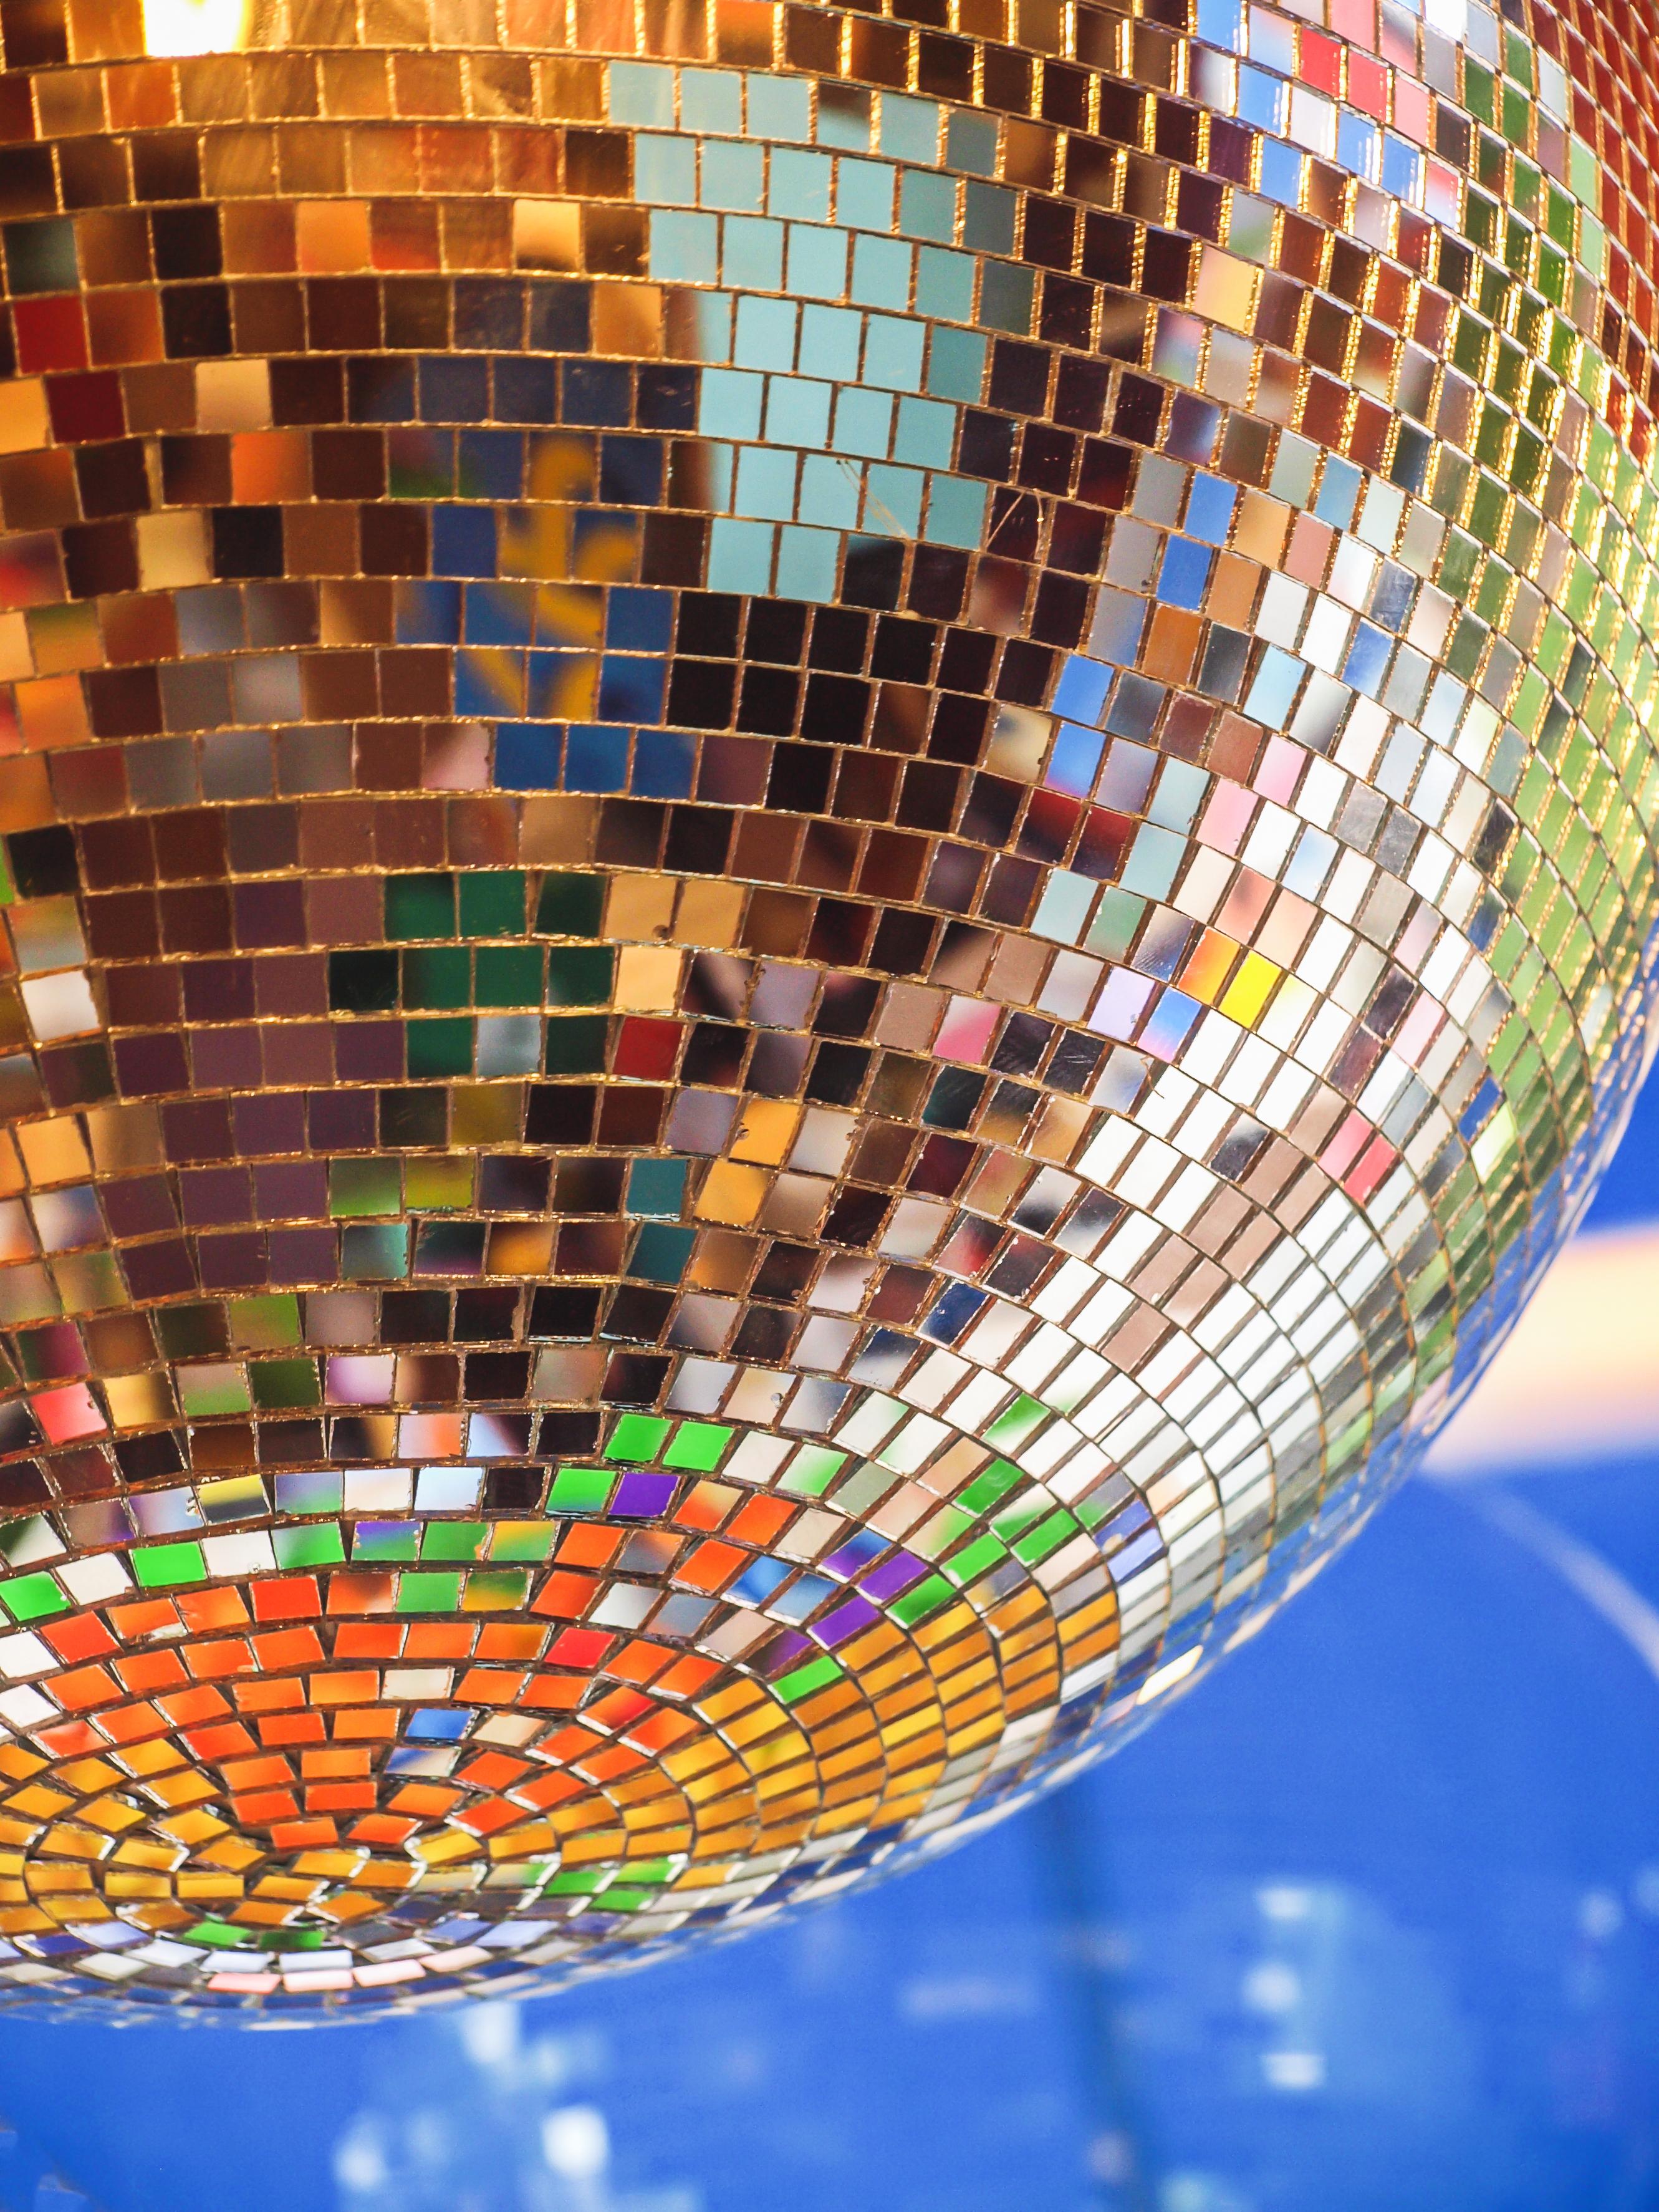 96607 télécharger le fond d'écran Divers, Balle, Ballon, En Miroir, Miroir, Multicolore, Hétéroclite, Mosaïque - économiseurs d'écran et images gratuitement